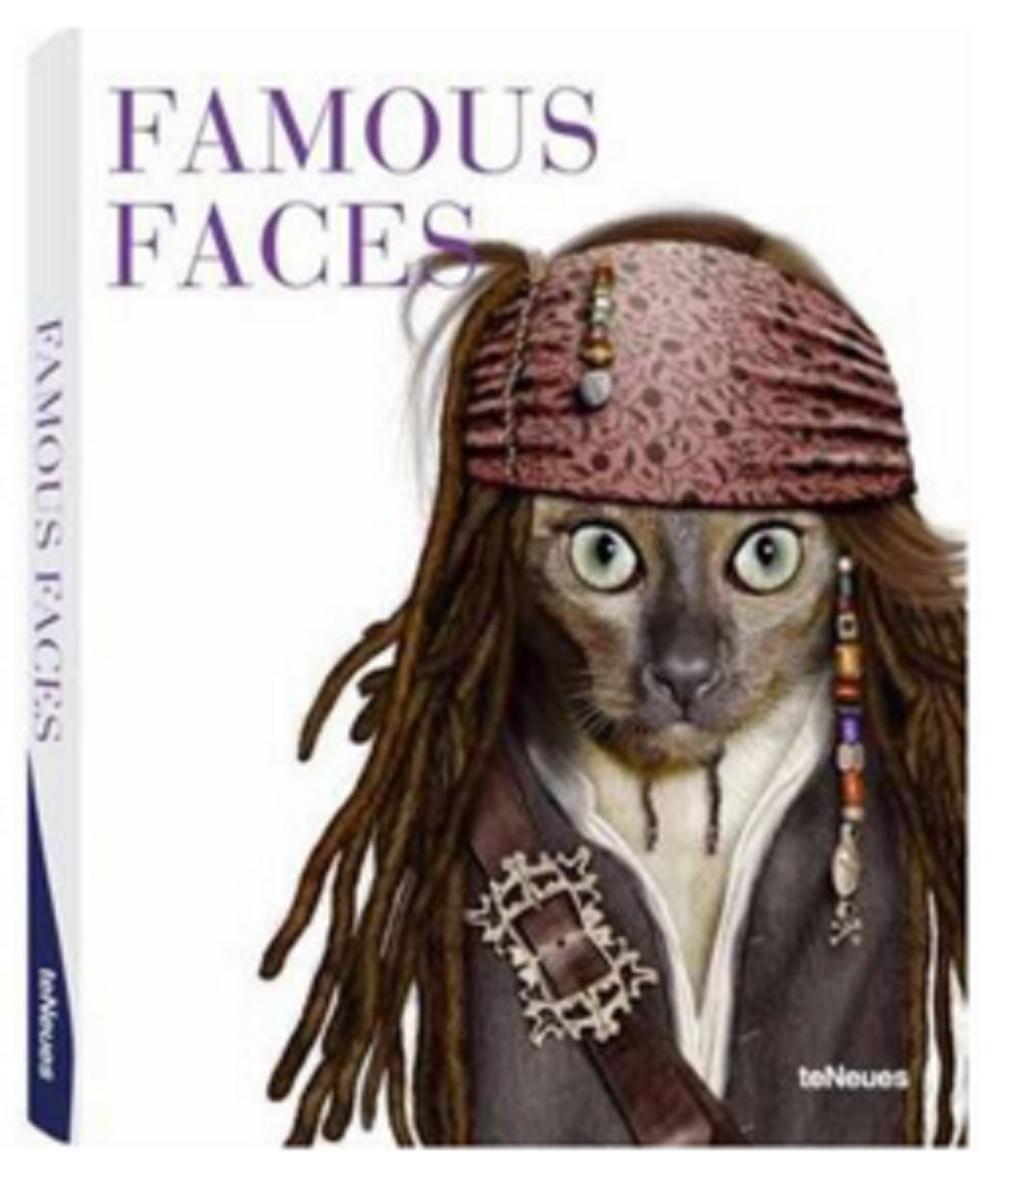 FAMOUS FACES 9783832795108